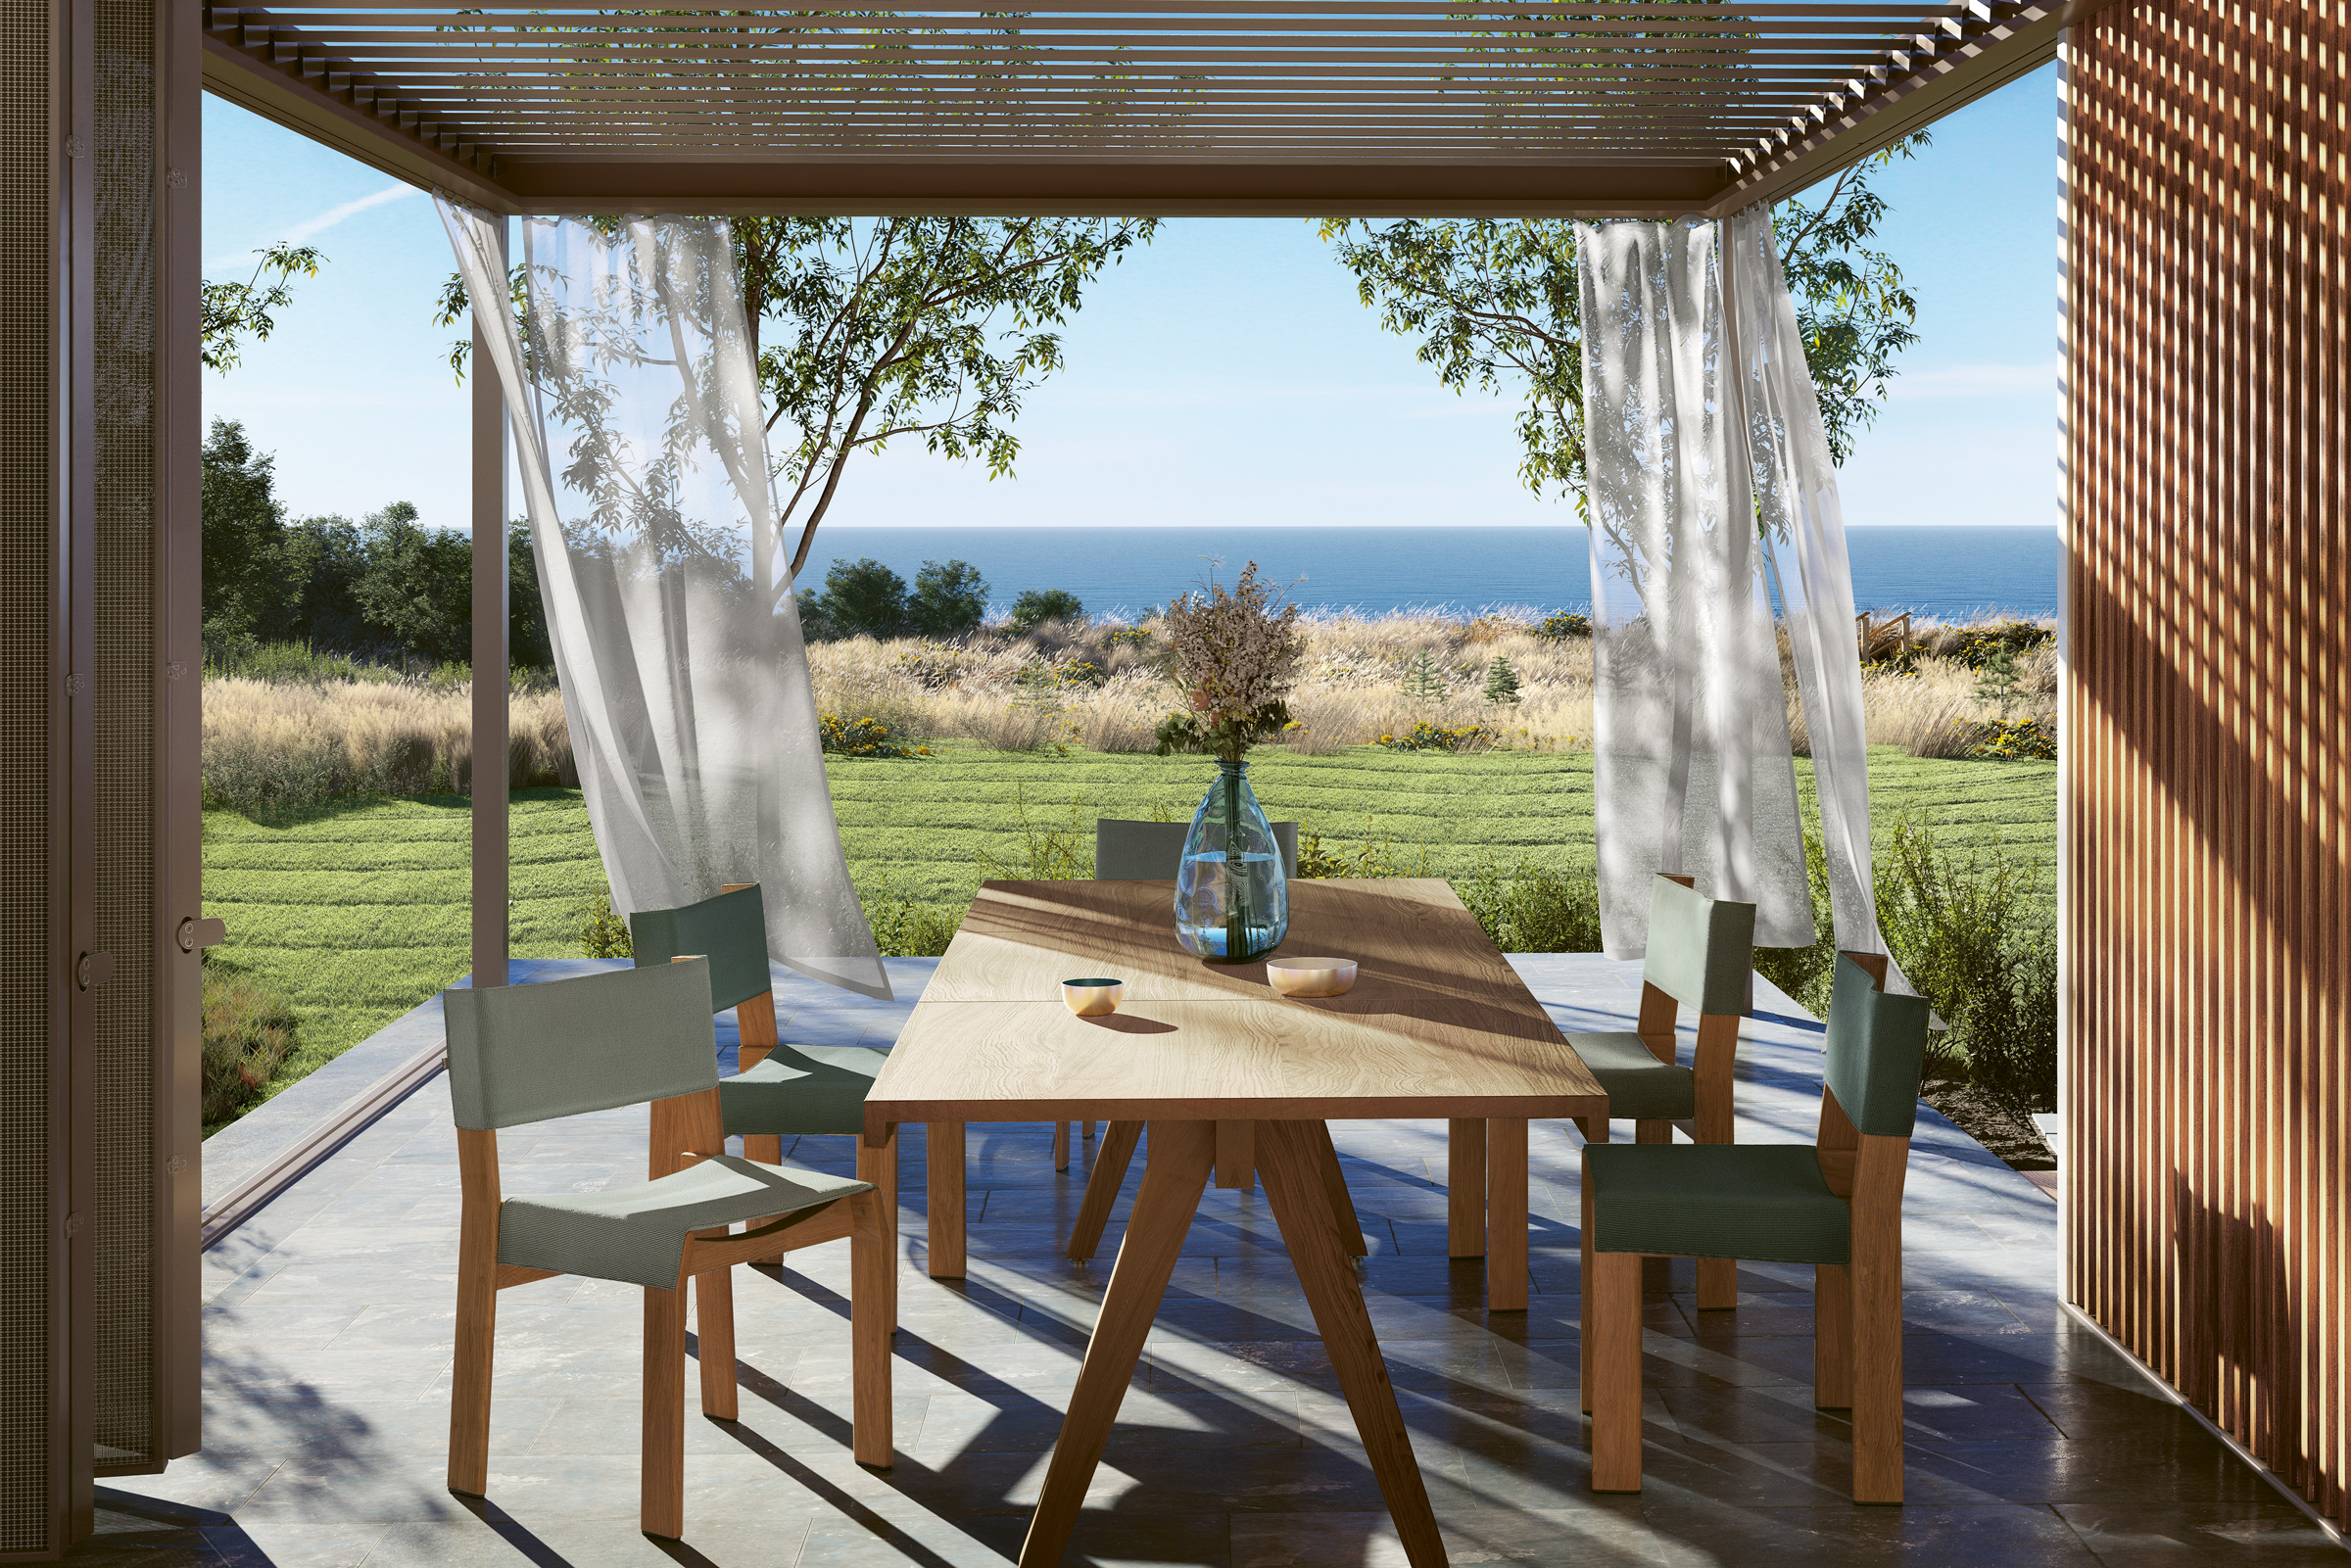 hauser-design-kettal-h-pavillon-mit-band-stühlen